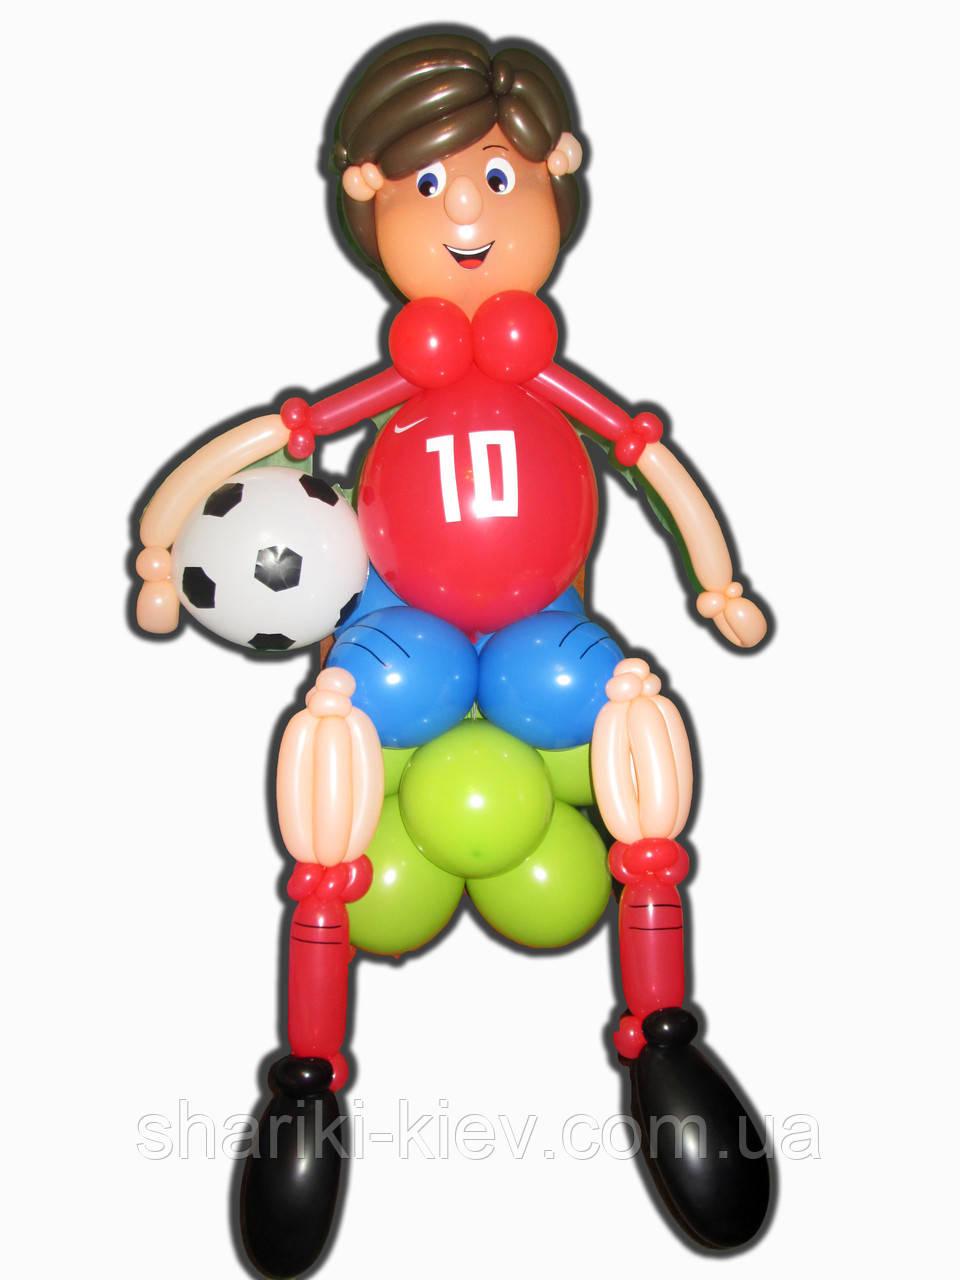 Фигура Футболист с мячем из воздушных шариков на День рождения